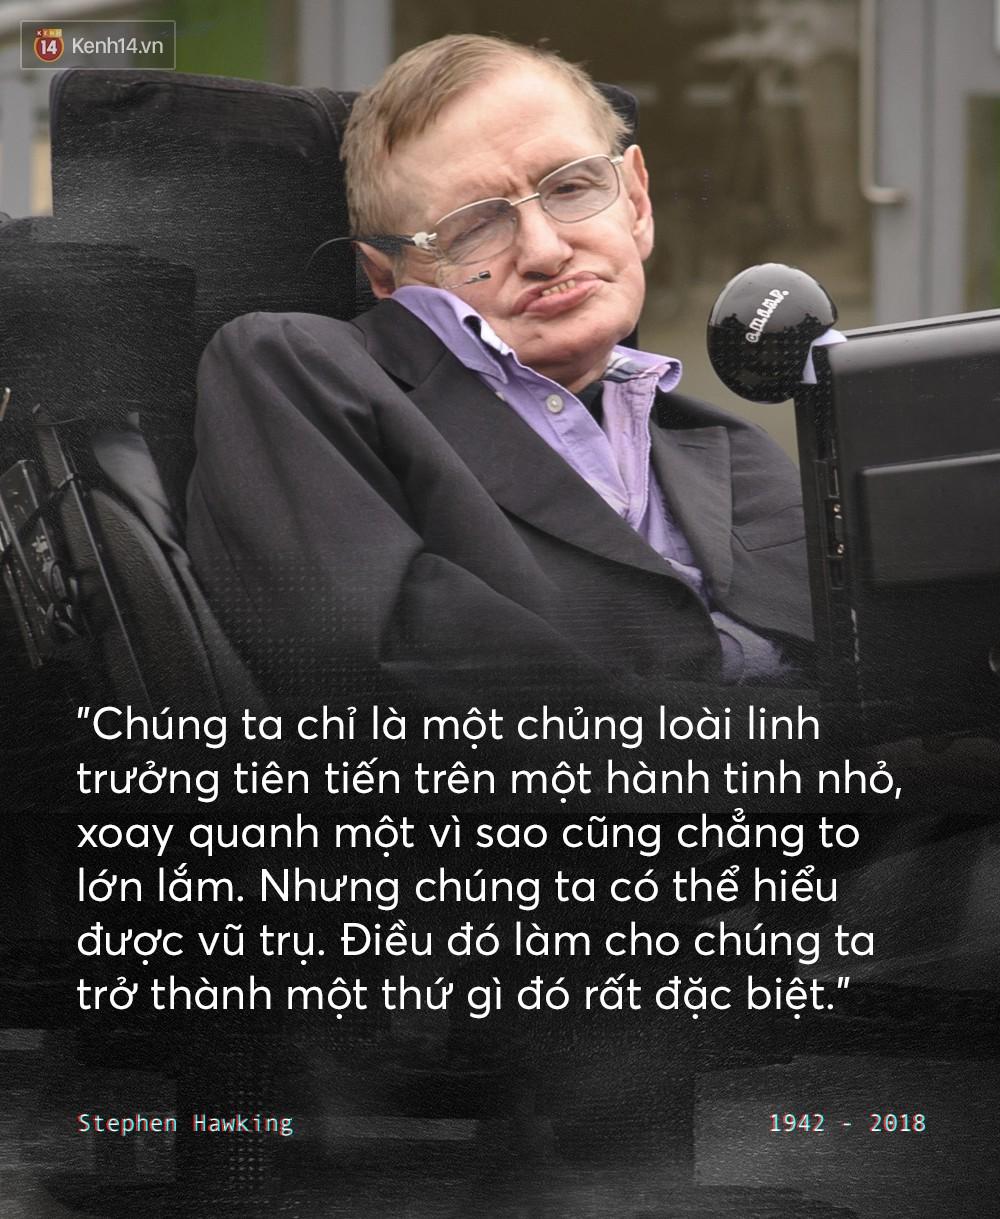 Những câu nói để đời của Stephen Hawking: Từ suy nghĩ giản đơn về cuộc đời cho tới triết lý mang tầm vũ trụ - Ảnh 5.